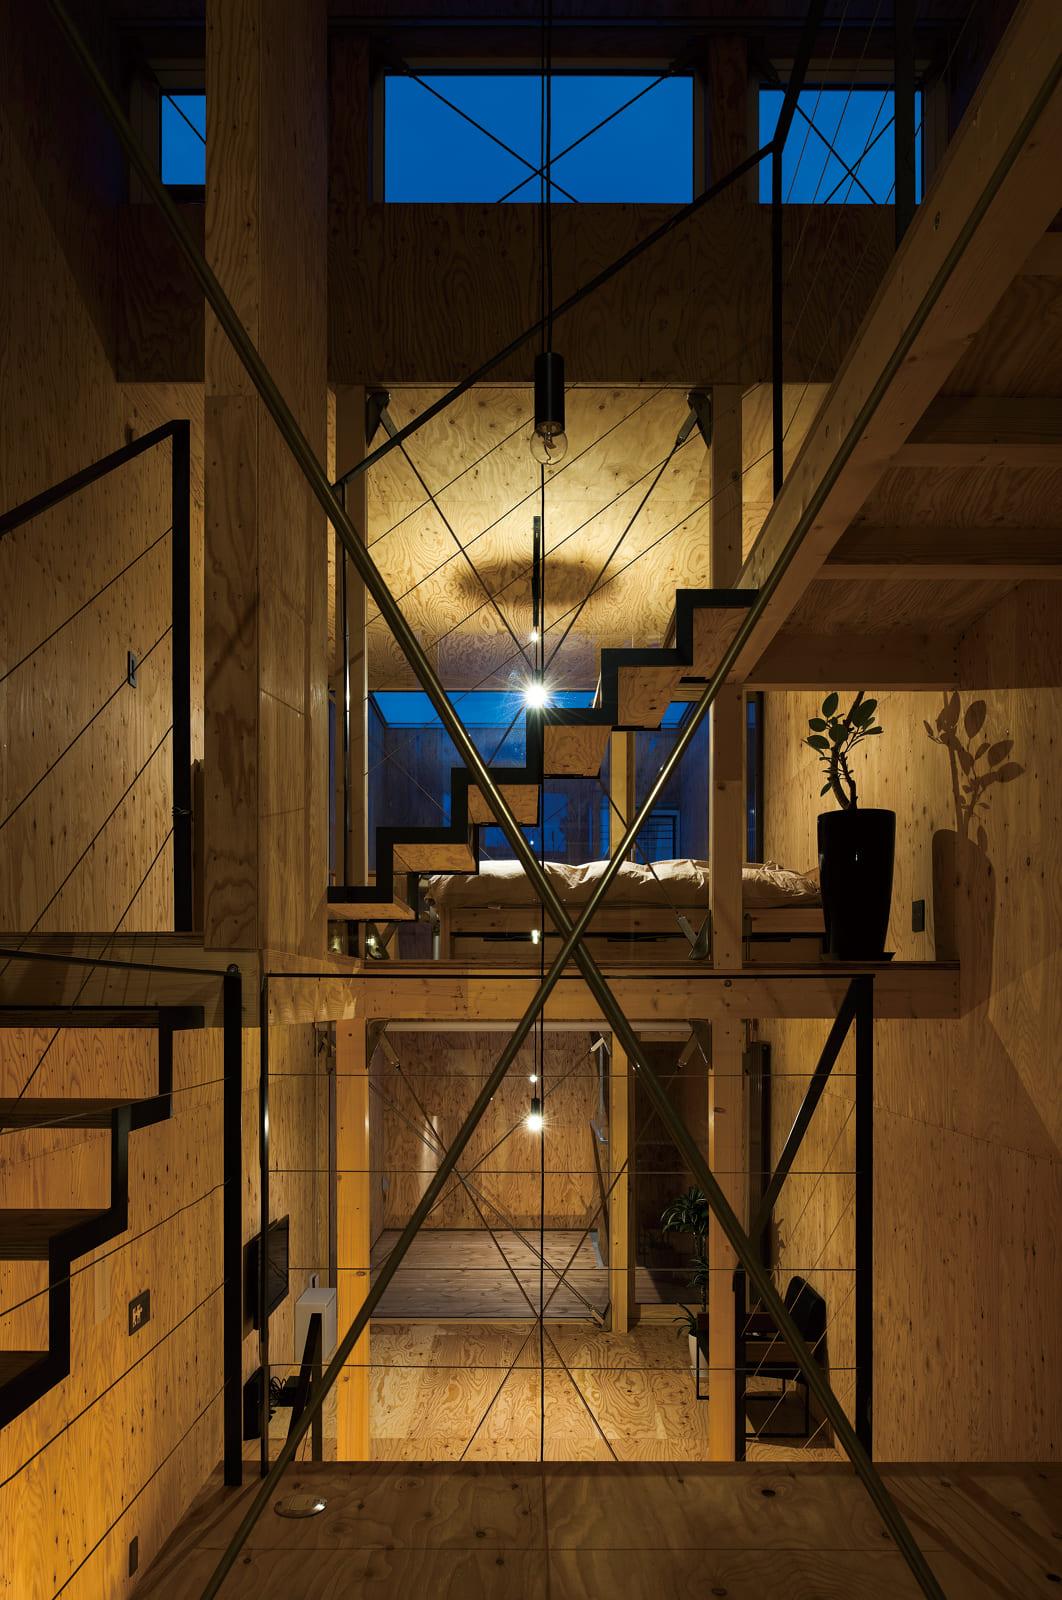 2階ダイニングから1.5階のリビング、2.5階のフリースペース兼子ども部屋を見る。複数の吹き抜けが視界の抜けをつくっている